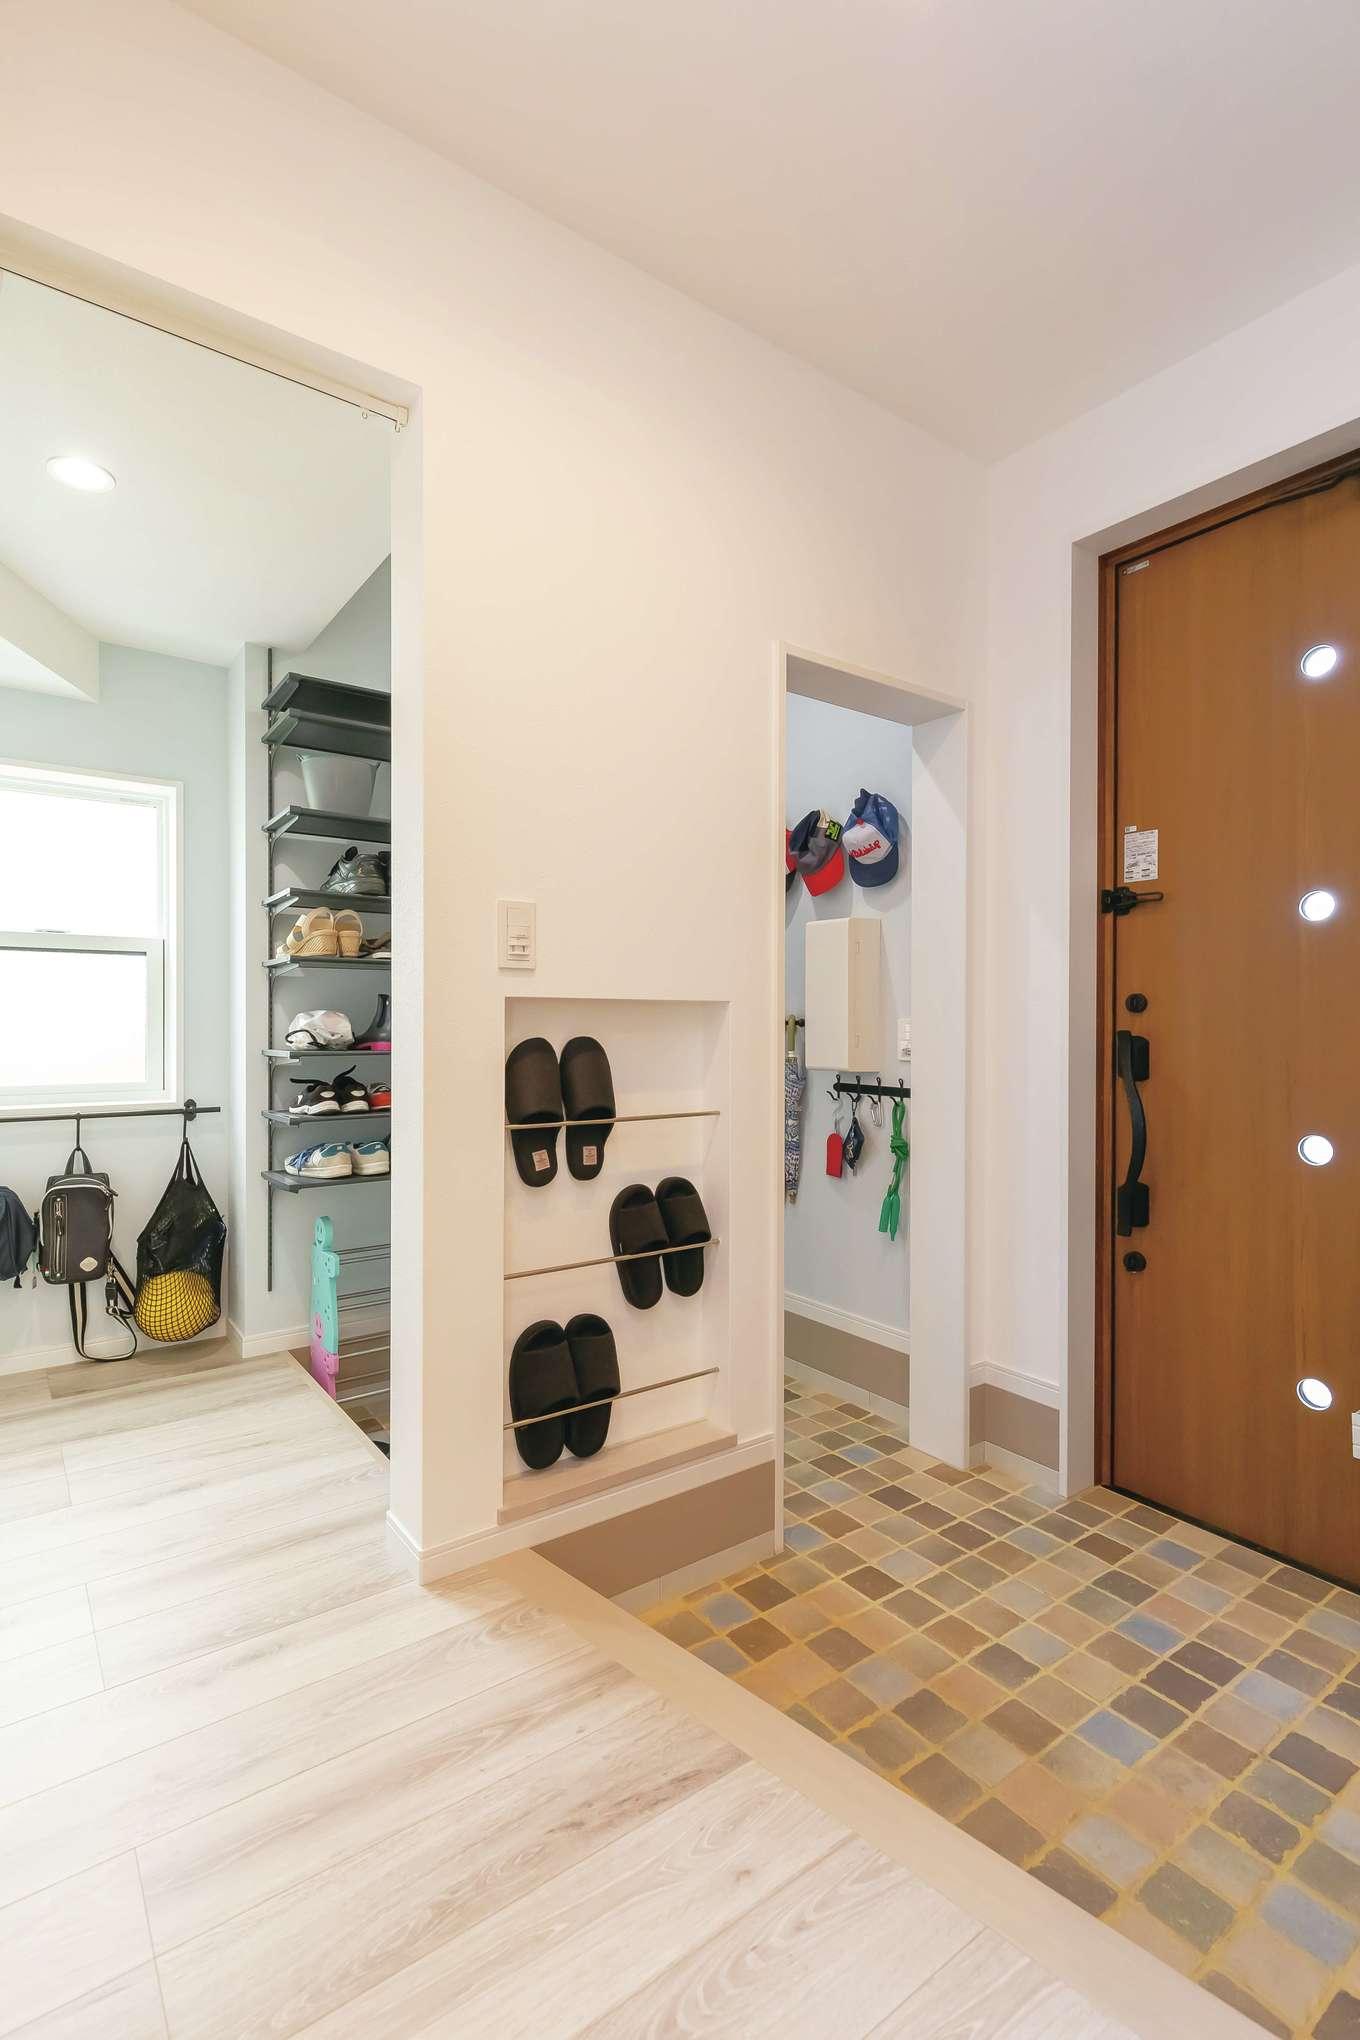 原田工務店【デザイン住宅、子育て、間取り】シューズクローク付きの玄関は、スリッパ掛けやバッグホルダーなど、使い勝手に合わせて細部まで丁寧に設計されている